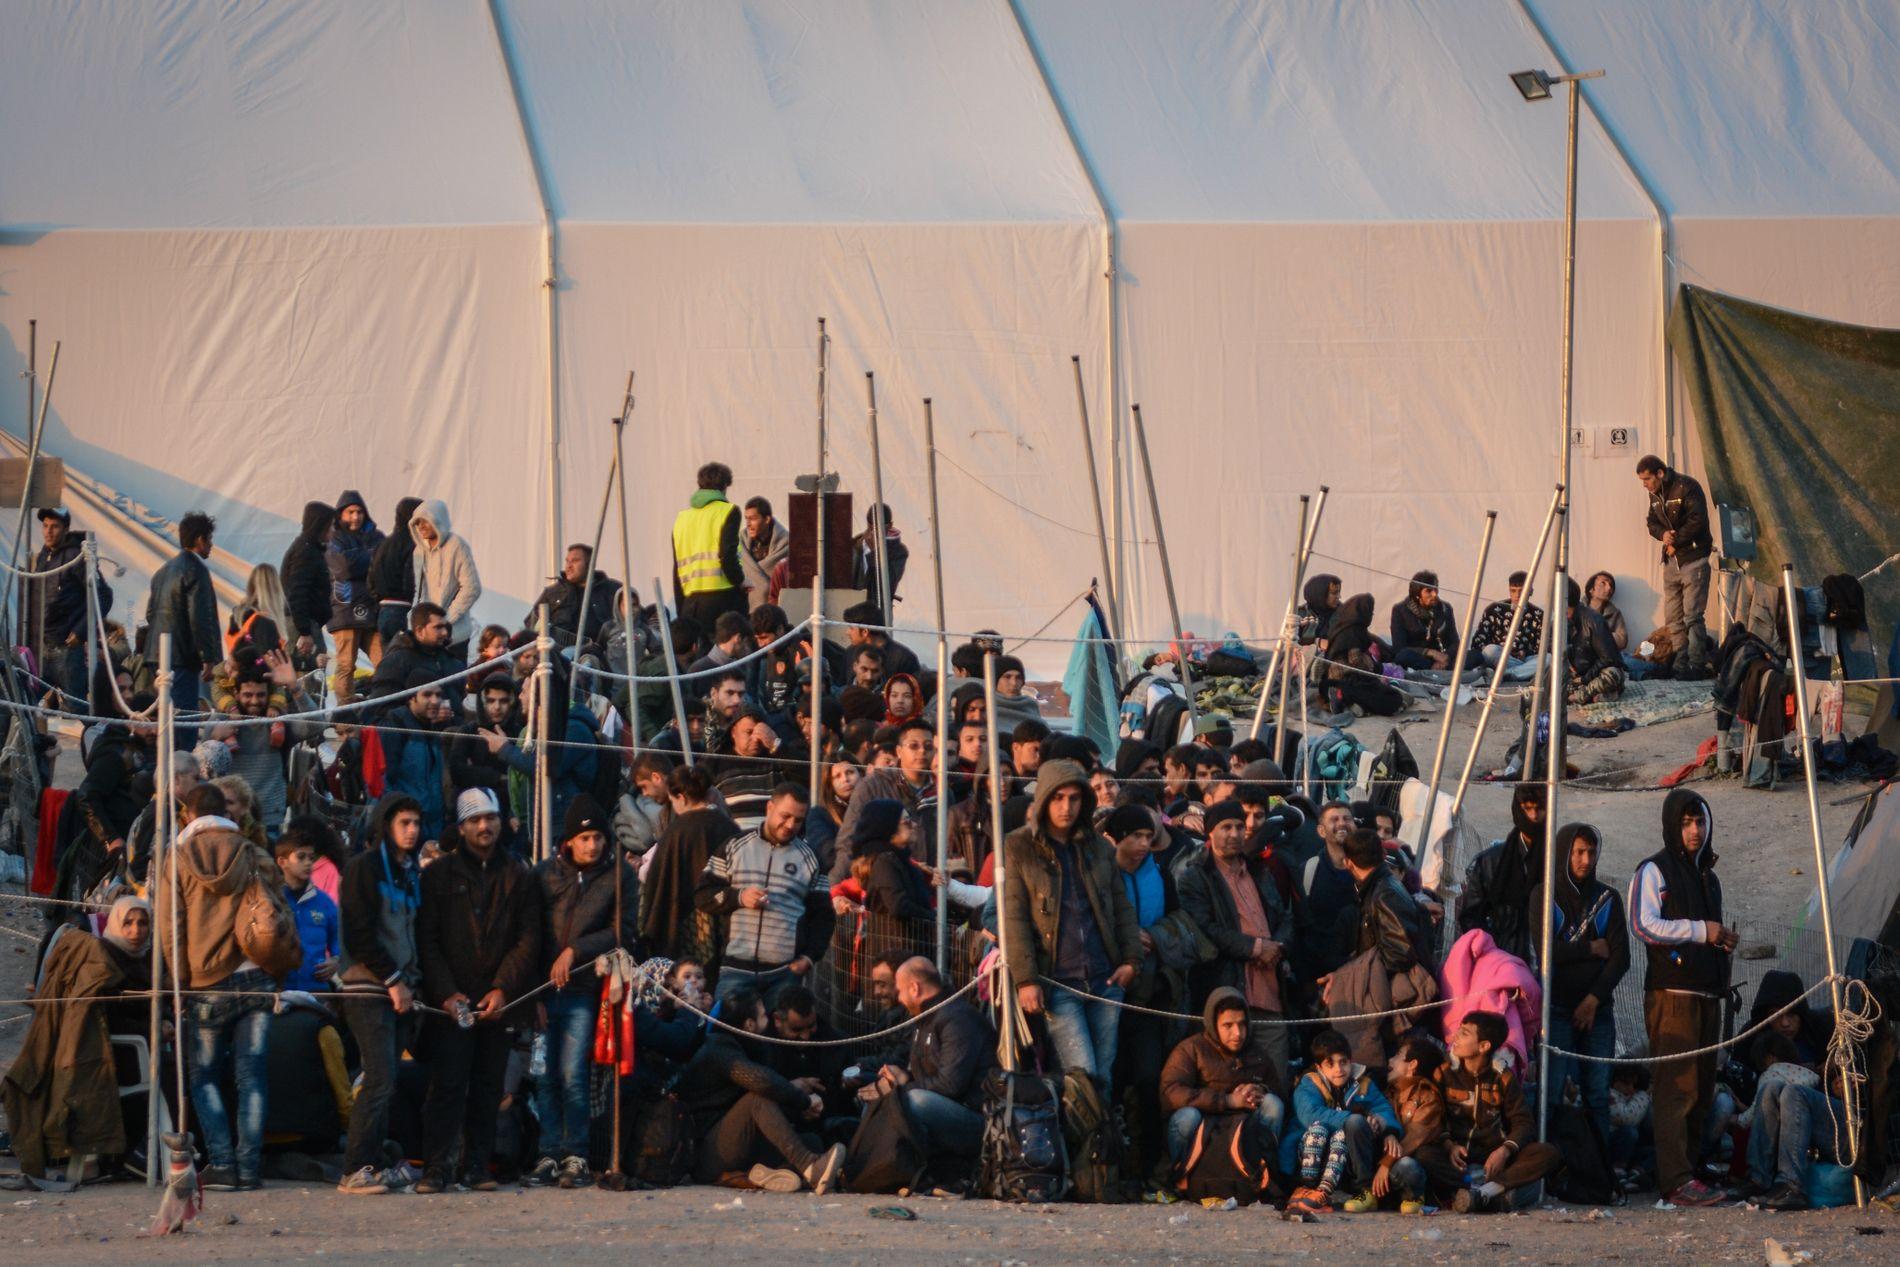 FRUSTRASJON: Overfylte flyktningleirer på greske øyer skaper frustrasjon blant flyktningene og migrantene som bor der.